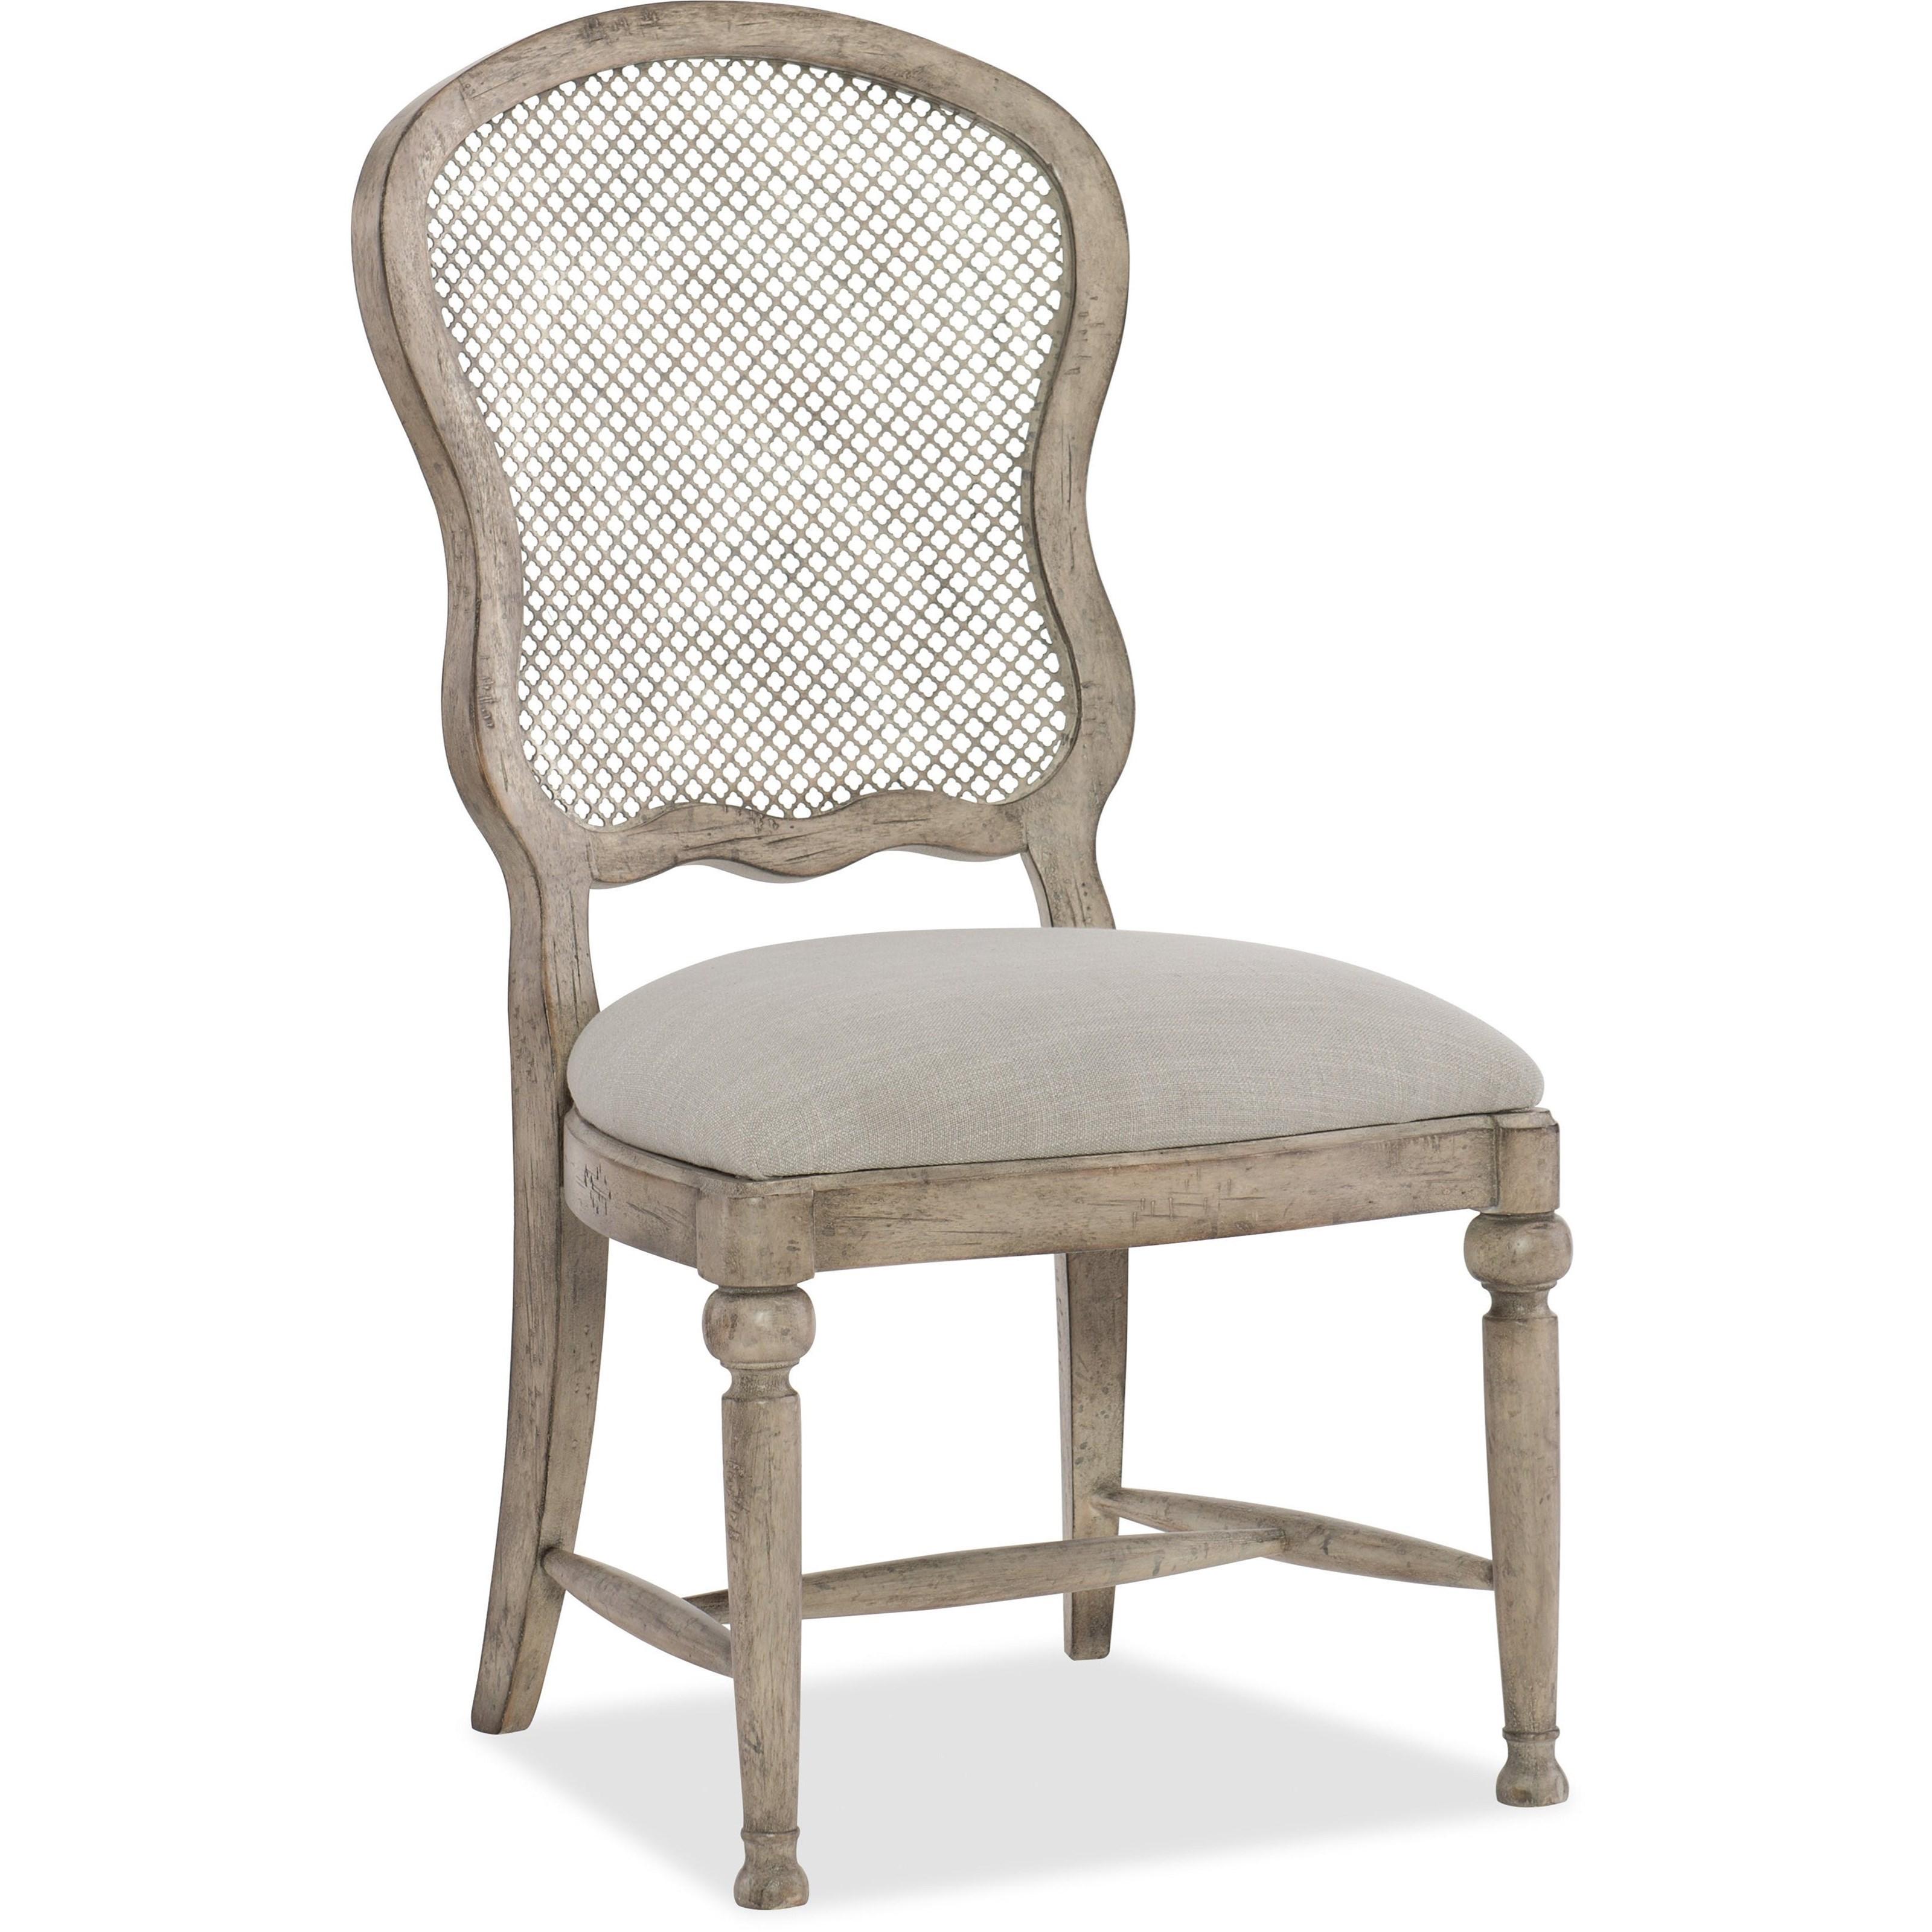 Boheme Gaston Metal Back Side Chair by Hooker Furniture at Baer's Furniture